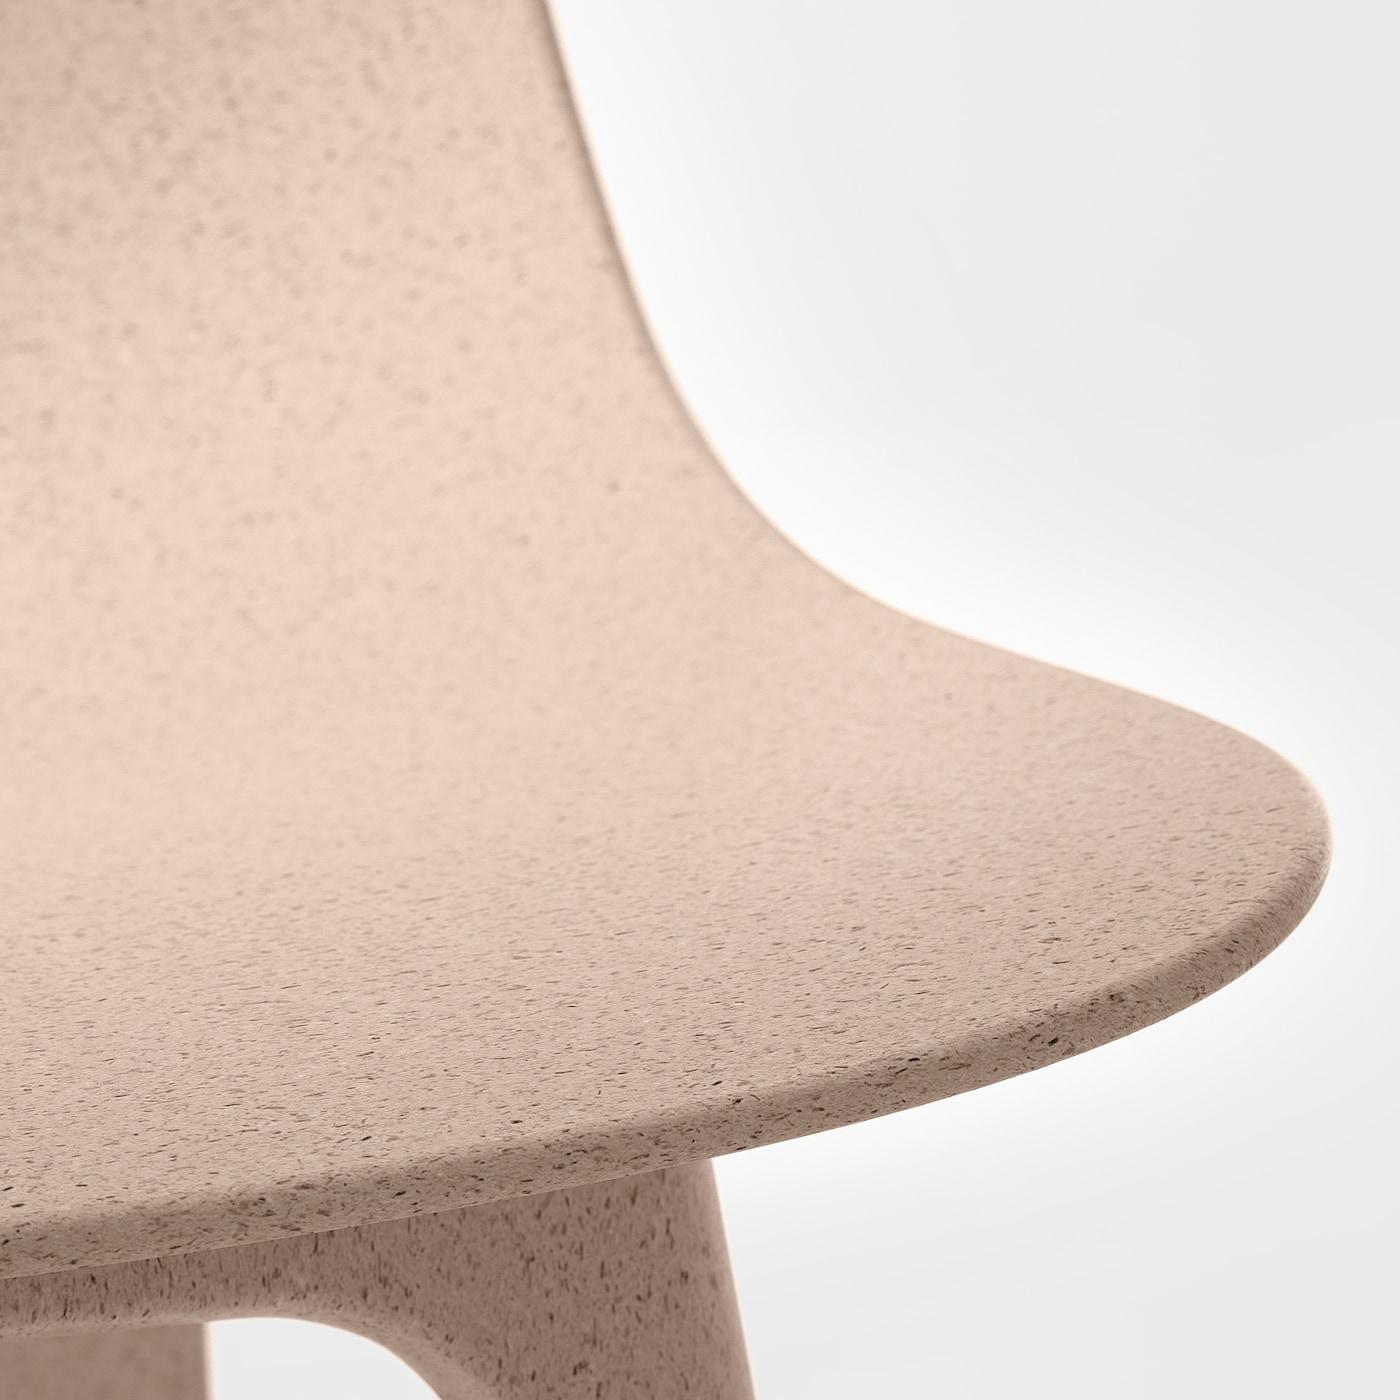 EKEDALEN ODGER Tavolo e 4 sedie marrone, bianco beige 120180 cm